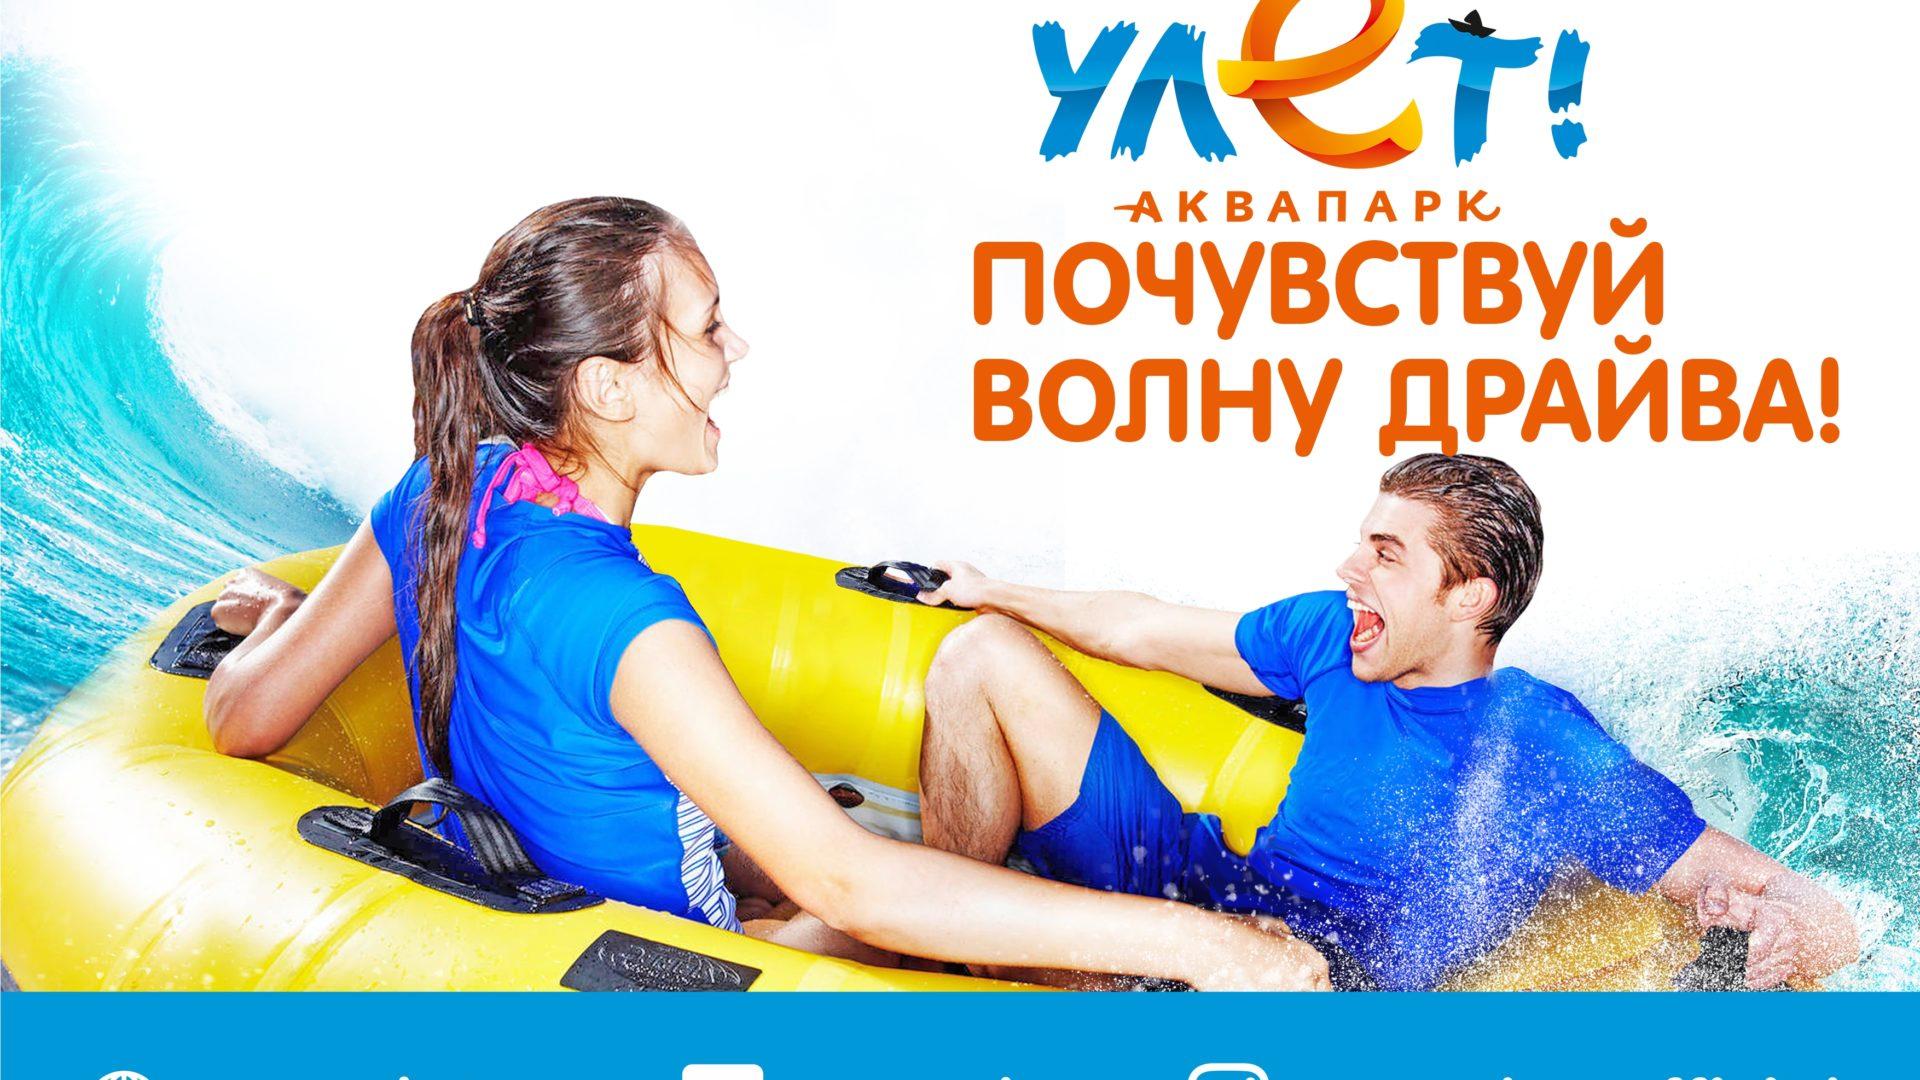 Улет - Аквапарк в Ульяновске